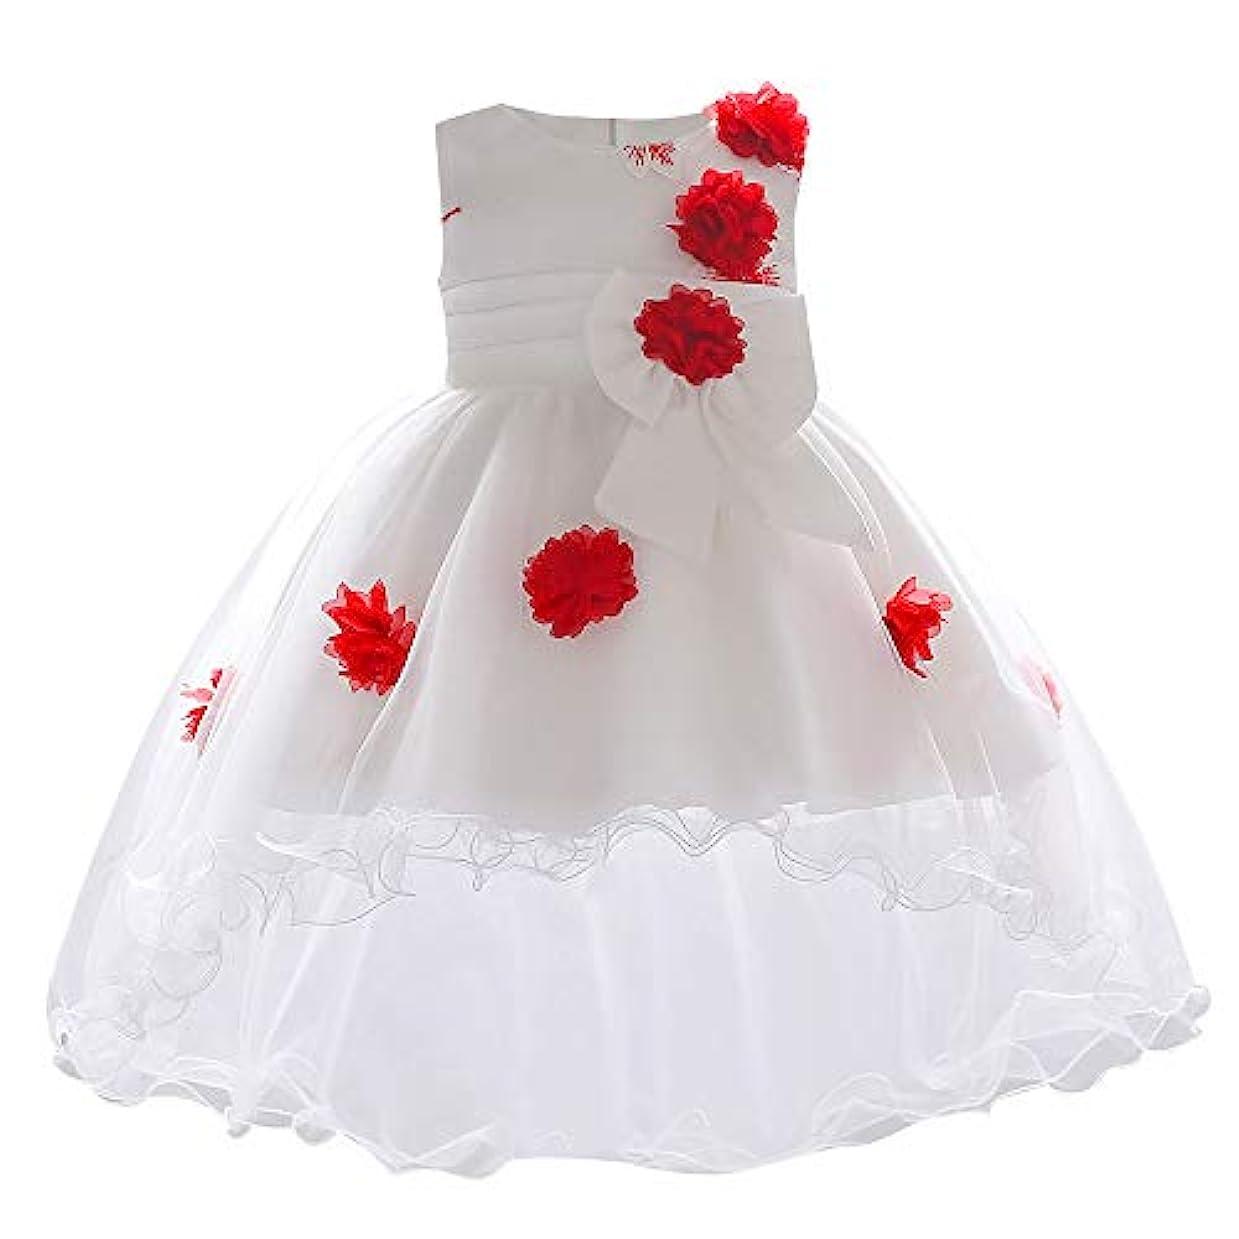 不要剃る未来Mhomzawa ドレス 女の子 結婚式 発表会 披露宴 フォーマルドレス ガールズ アシンメトリードレス 子供 キッズ ワンピース